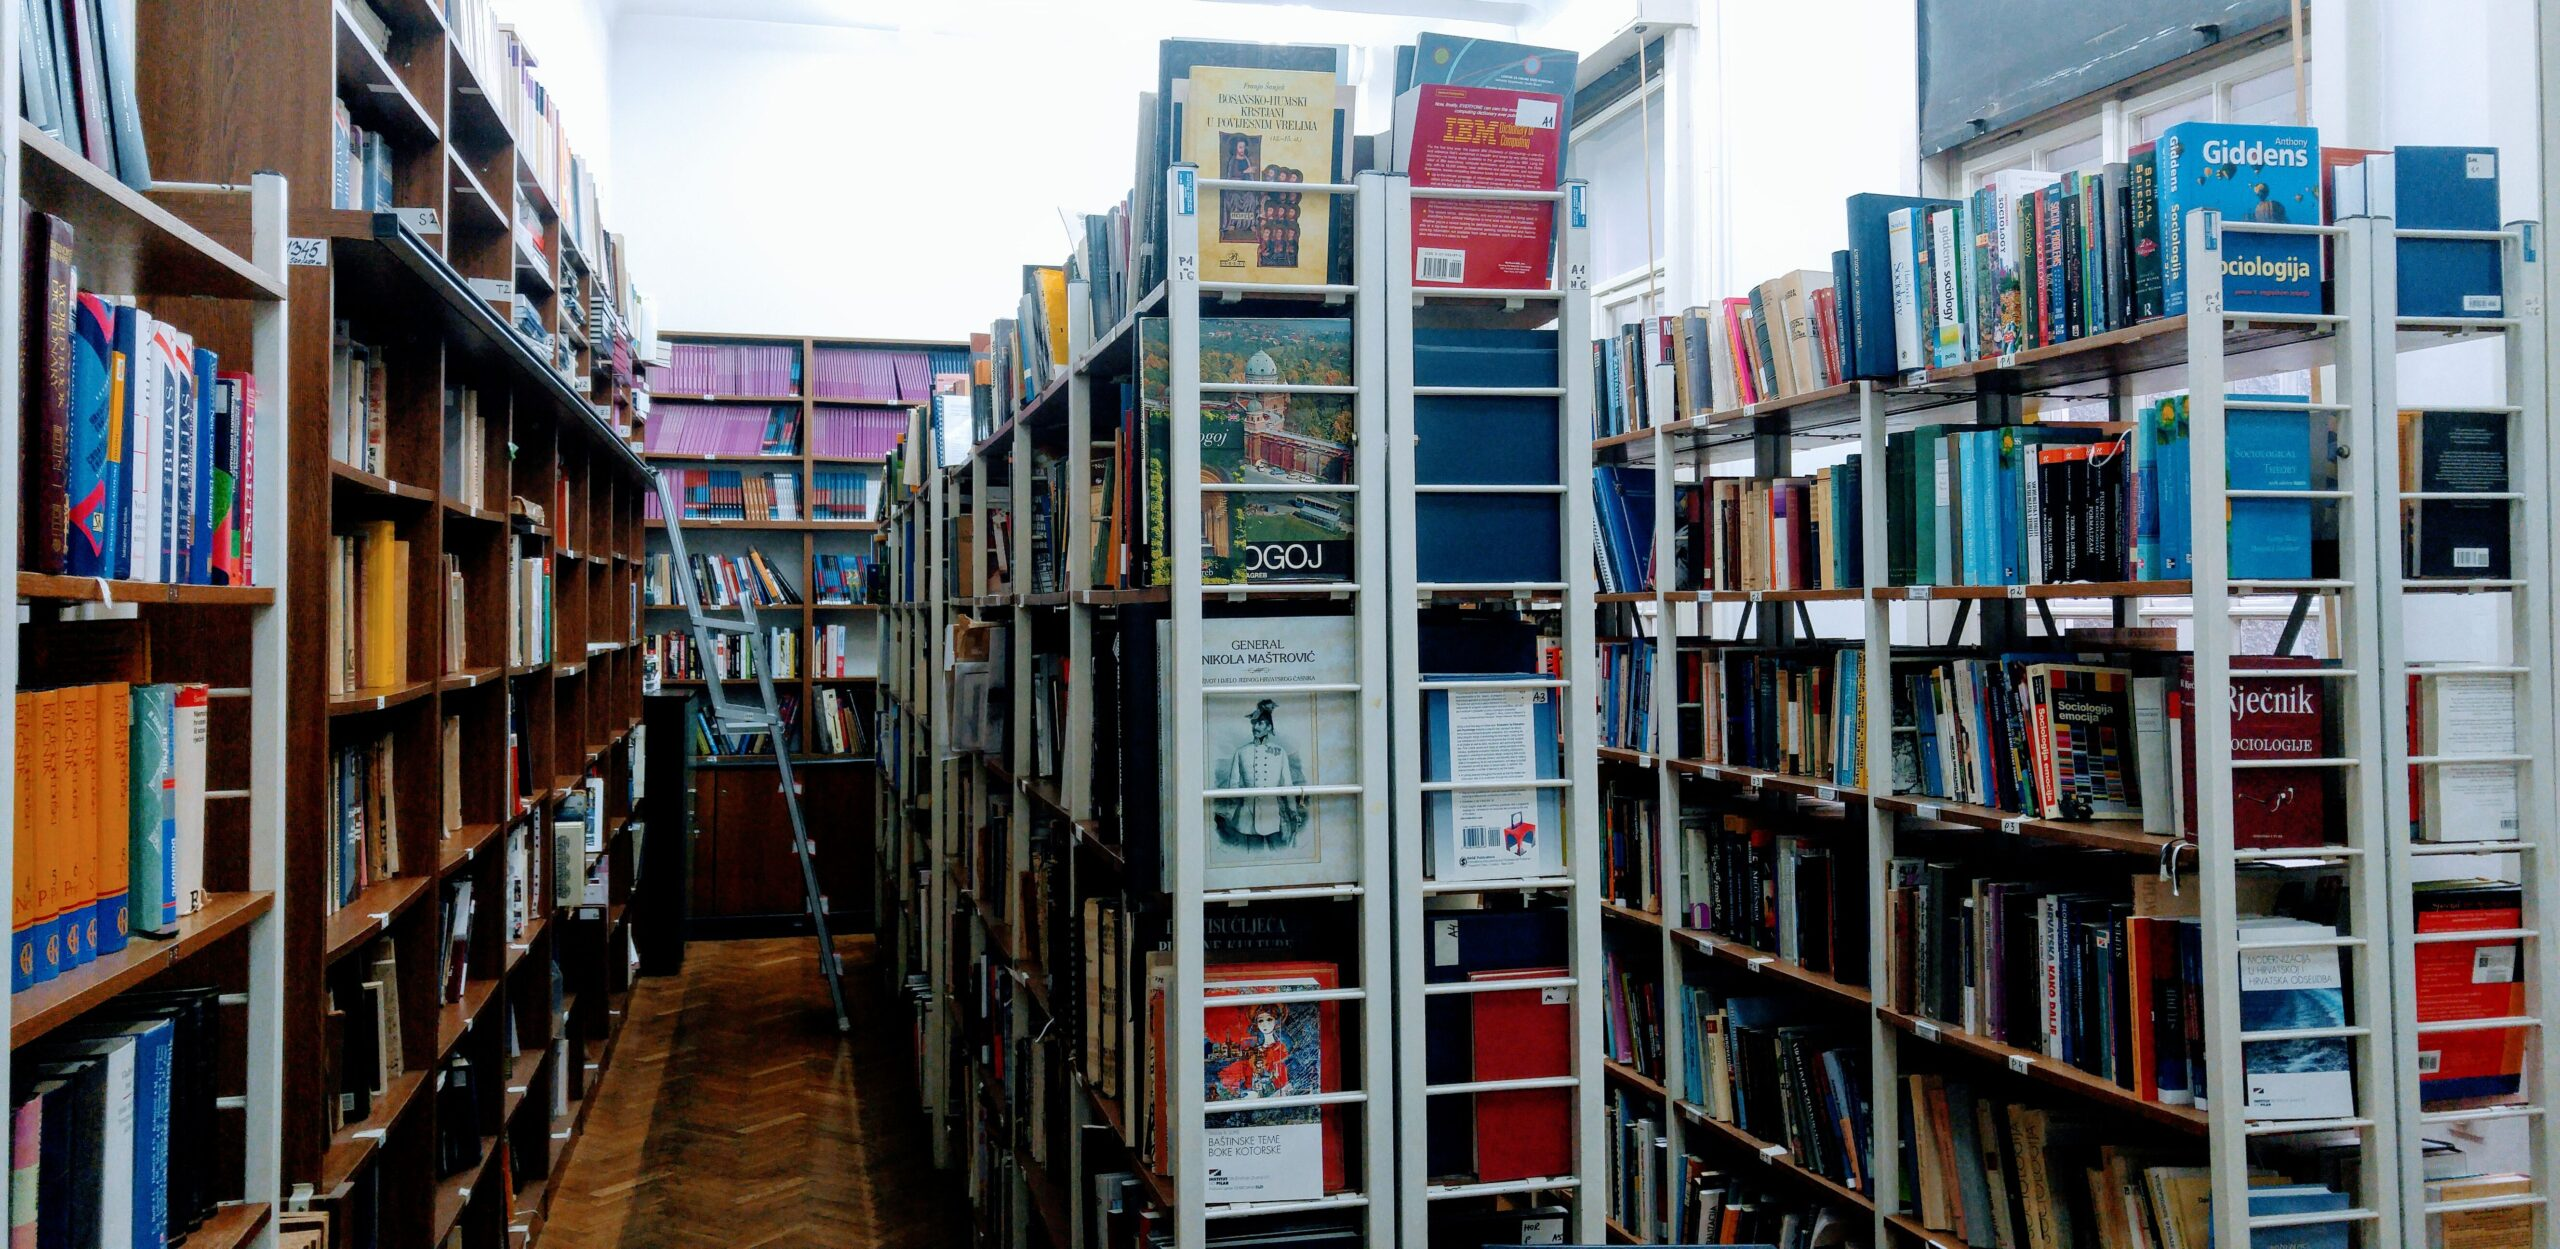 Knjižnica Instituta Društvenih Znanosti Ivo Pilar